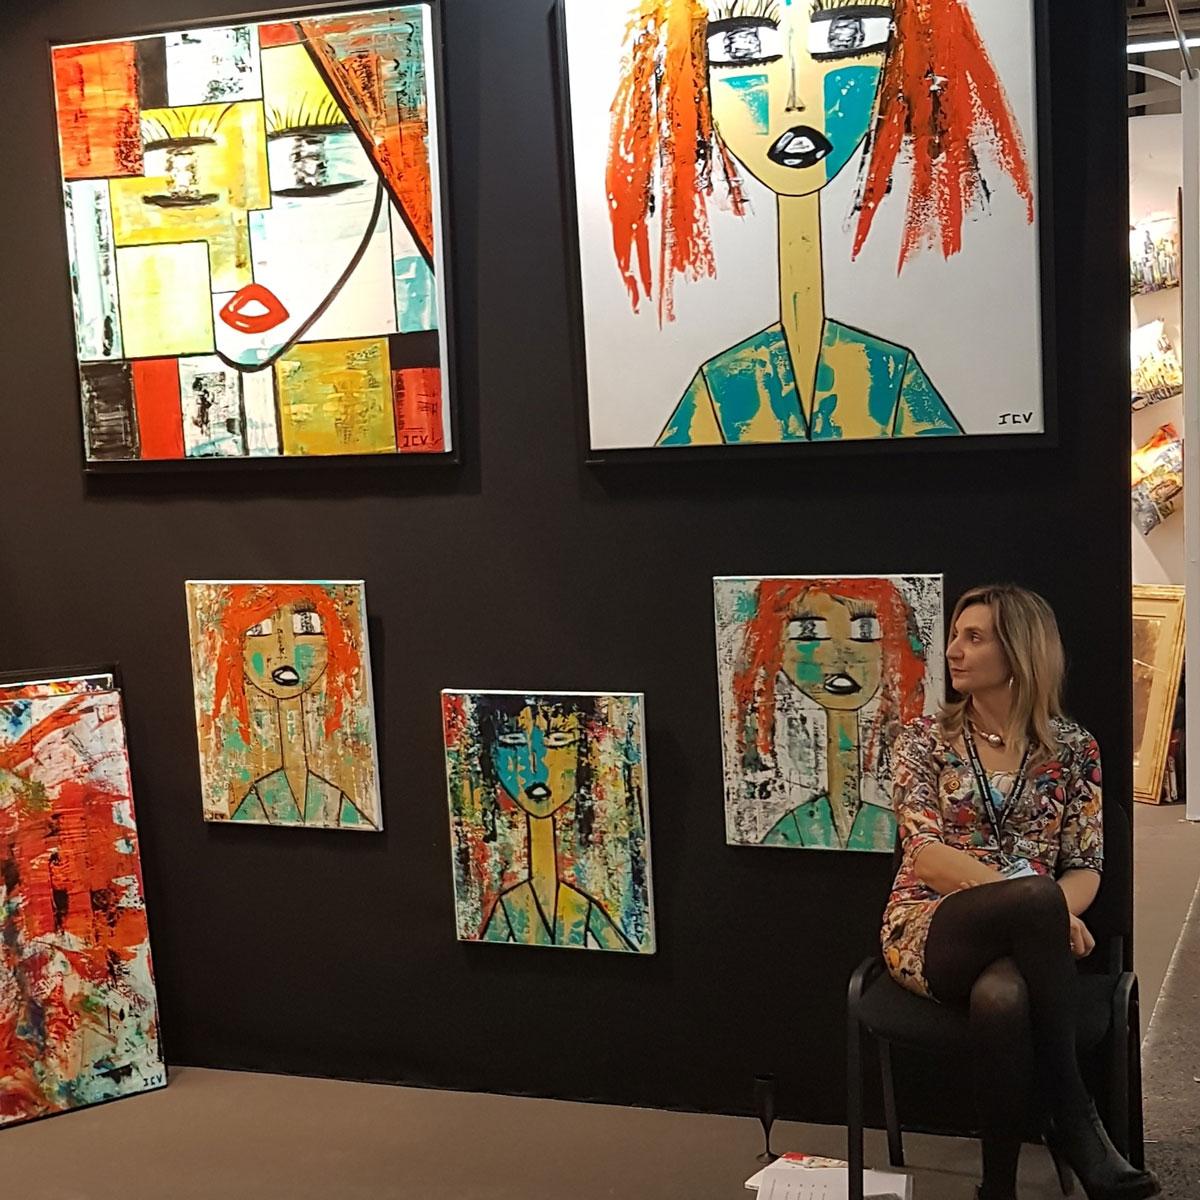 Artiste Peintre Contemporain Toulouse jean-claude vernier - artiste peintre contemporain - tableau